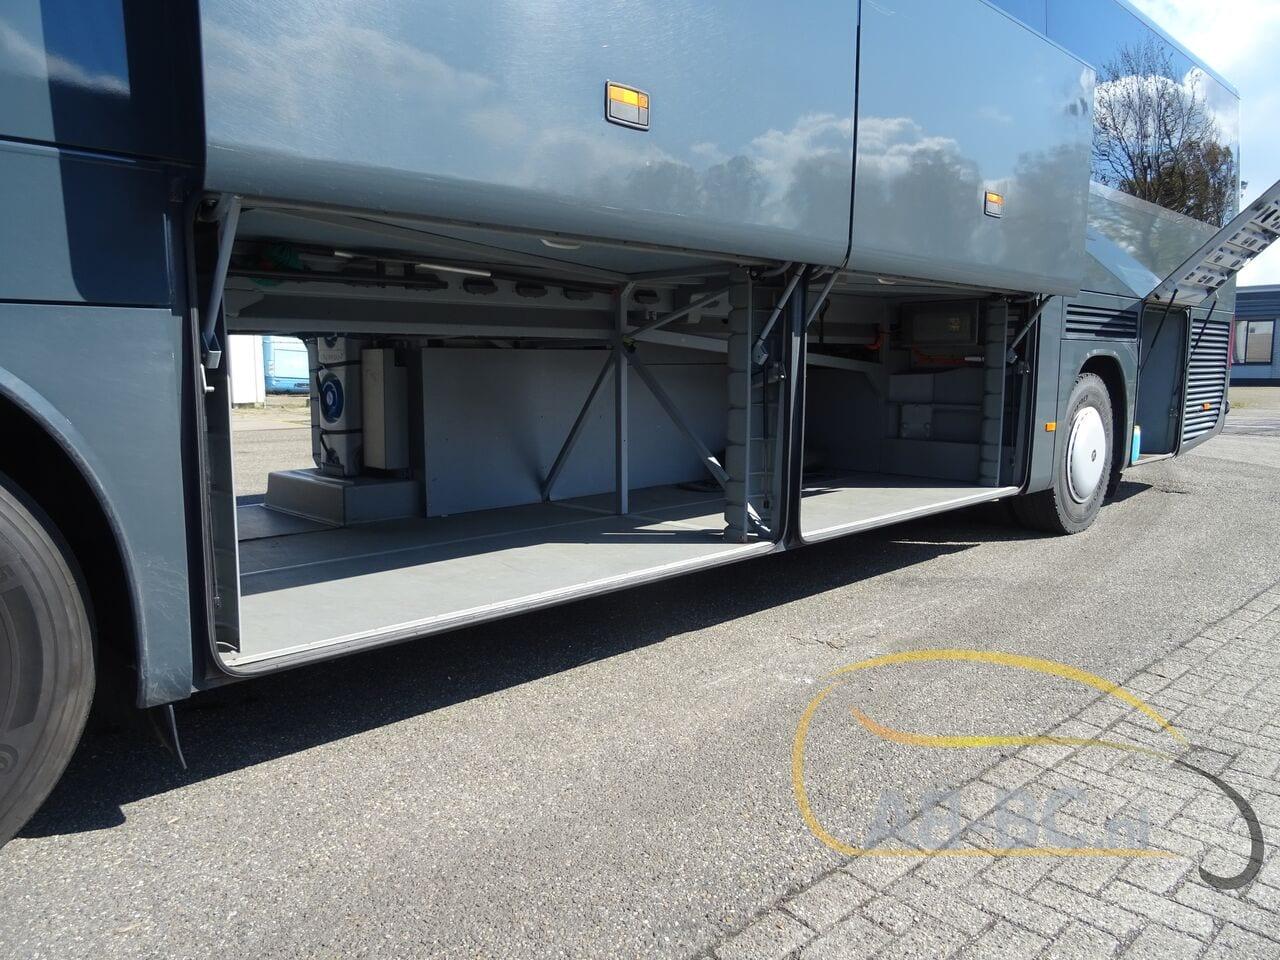 coach-busSETRA-S415-GT-HD-FINAL-EDITION-51-SEATS-LIFTBUS---1620381745079682316_big_910da8146d1a4fb93fd8c2de2c7d2a68--21050713010665719300